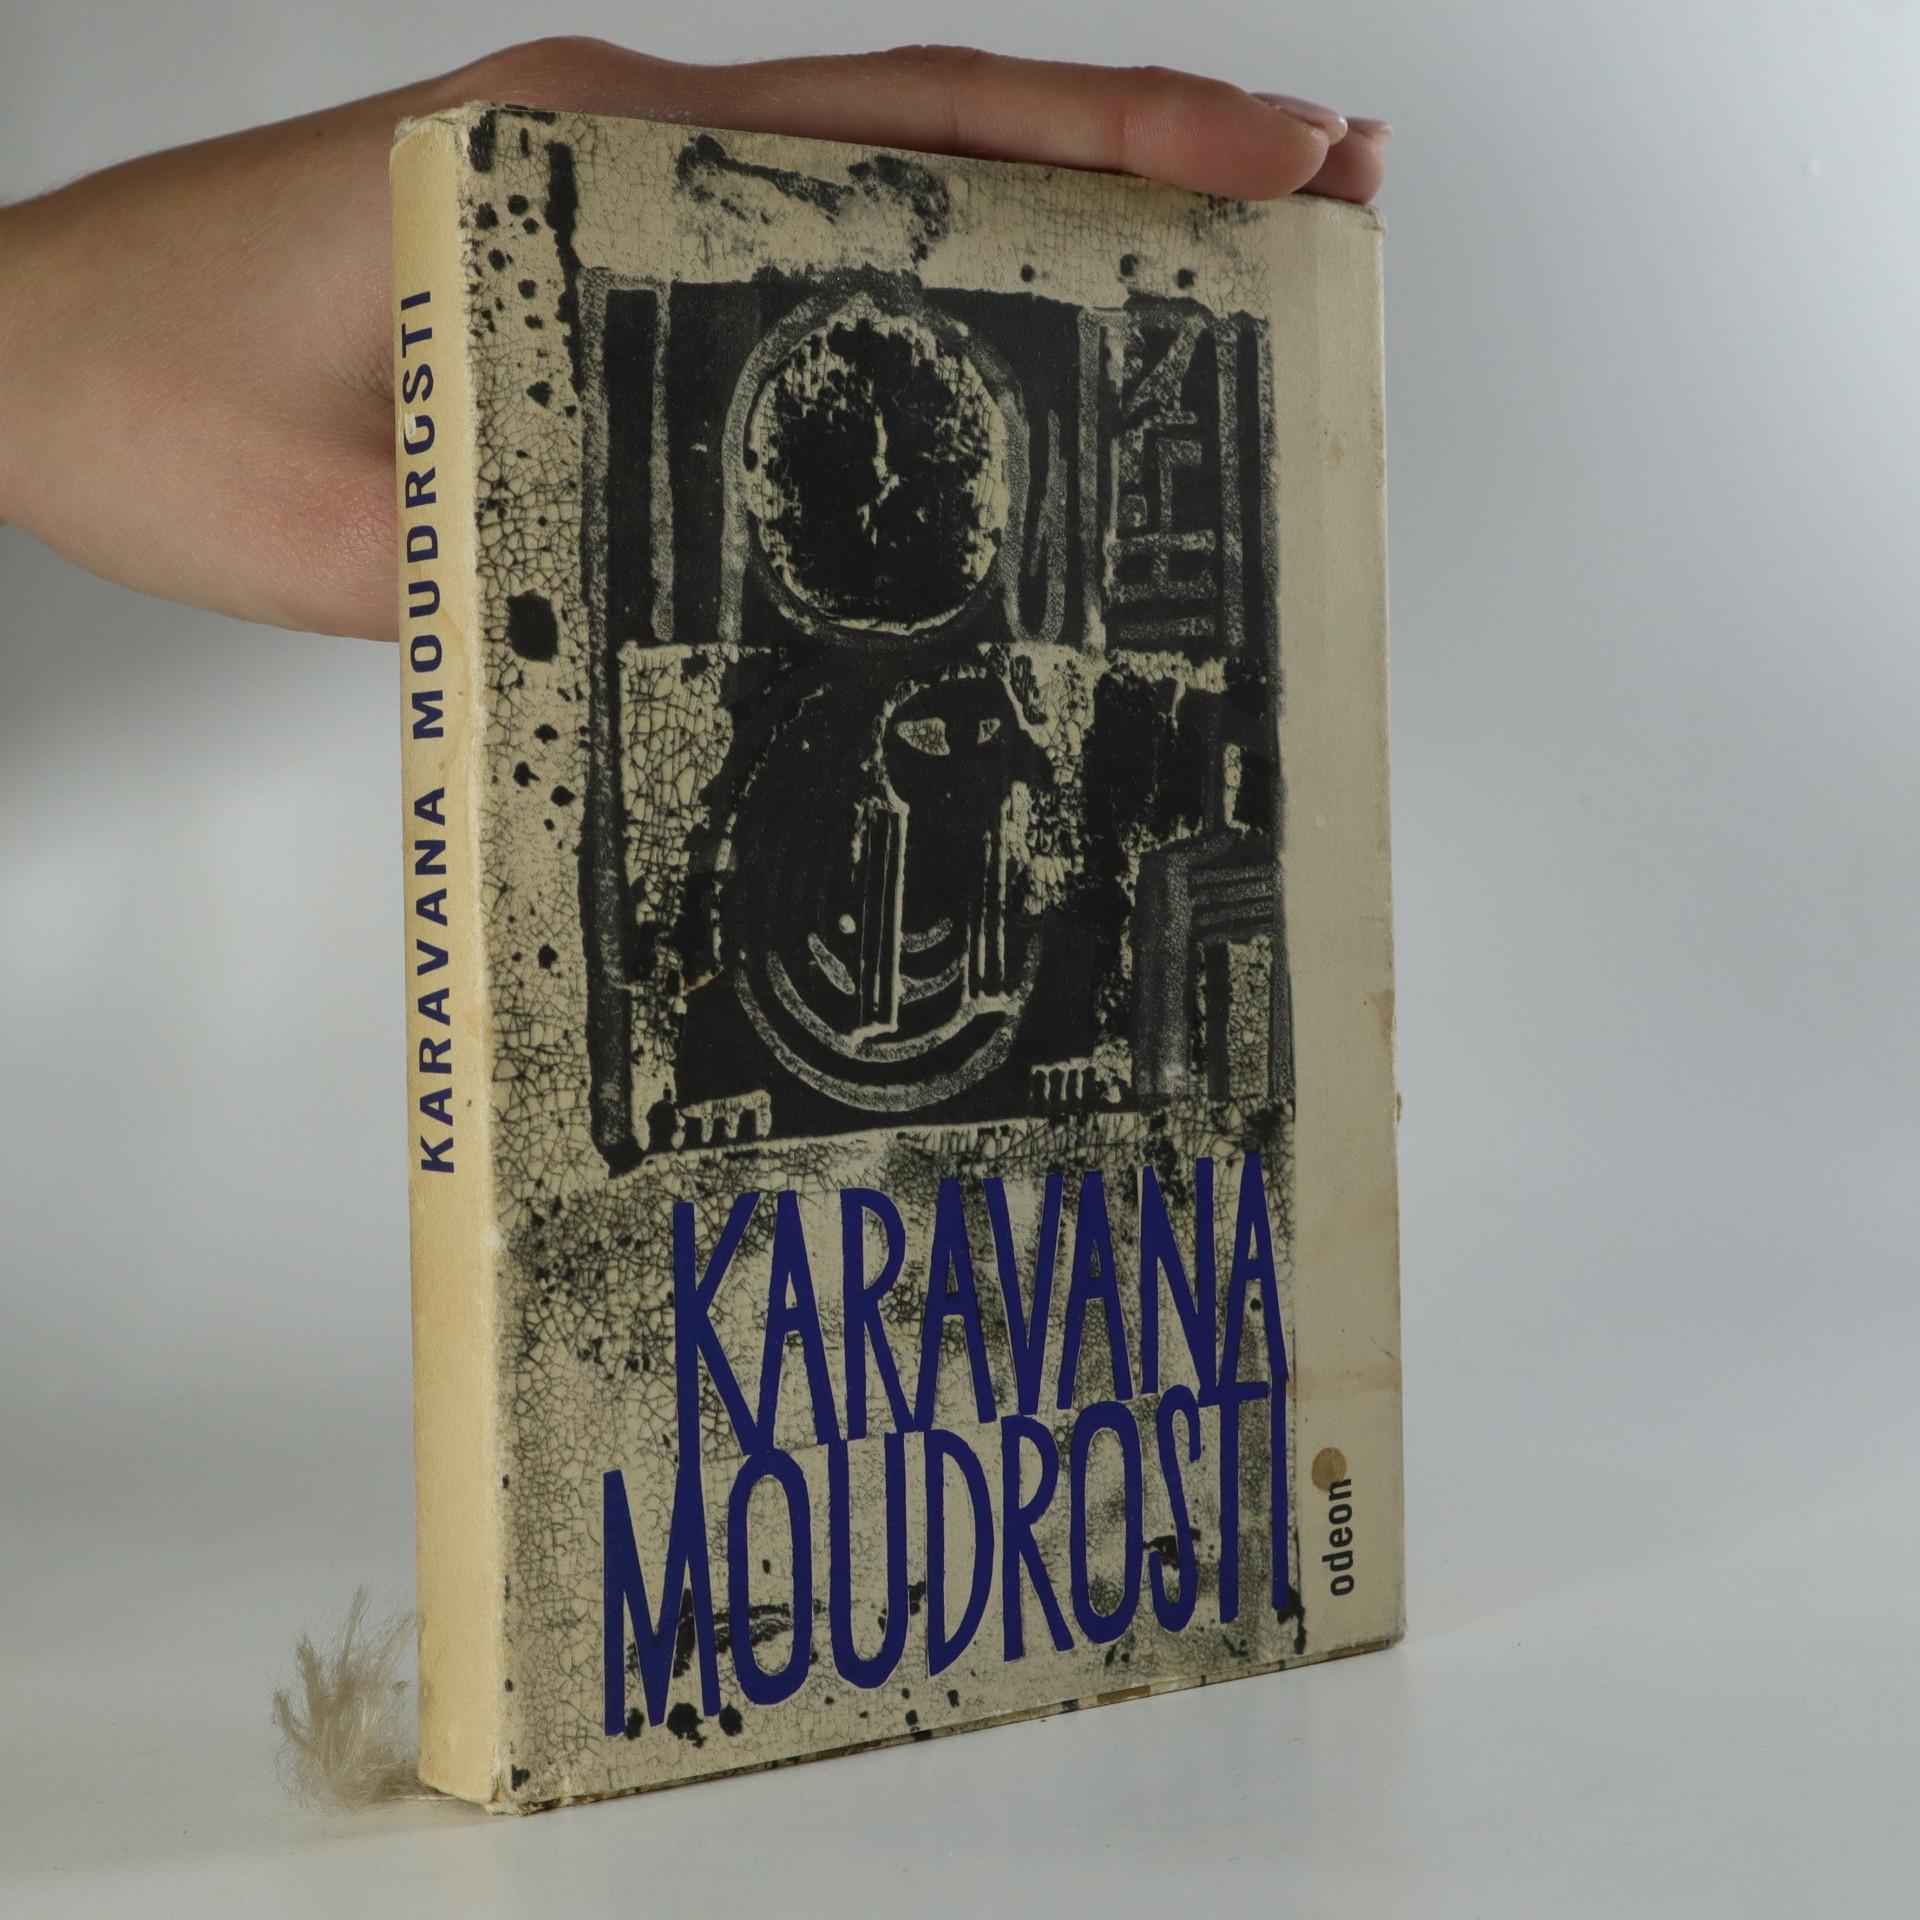 antikvární kniha Karavana moudrosti. Orientální přísloví, 1968